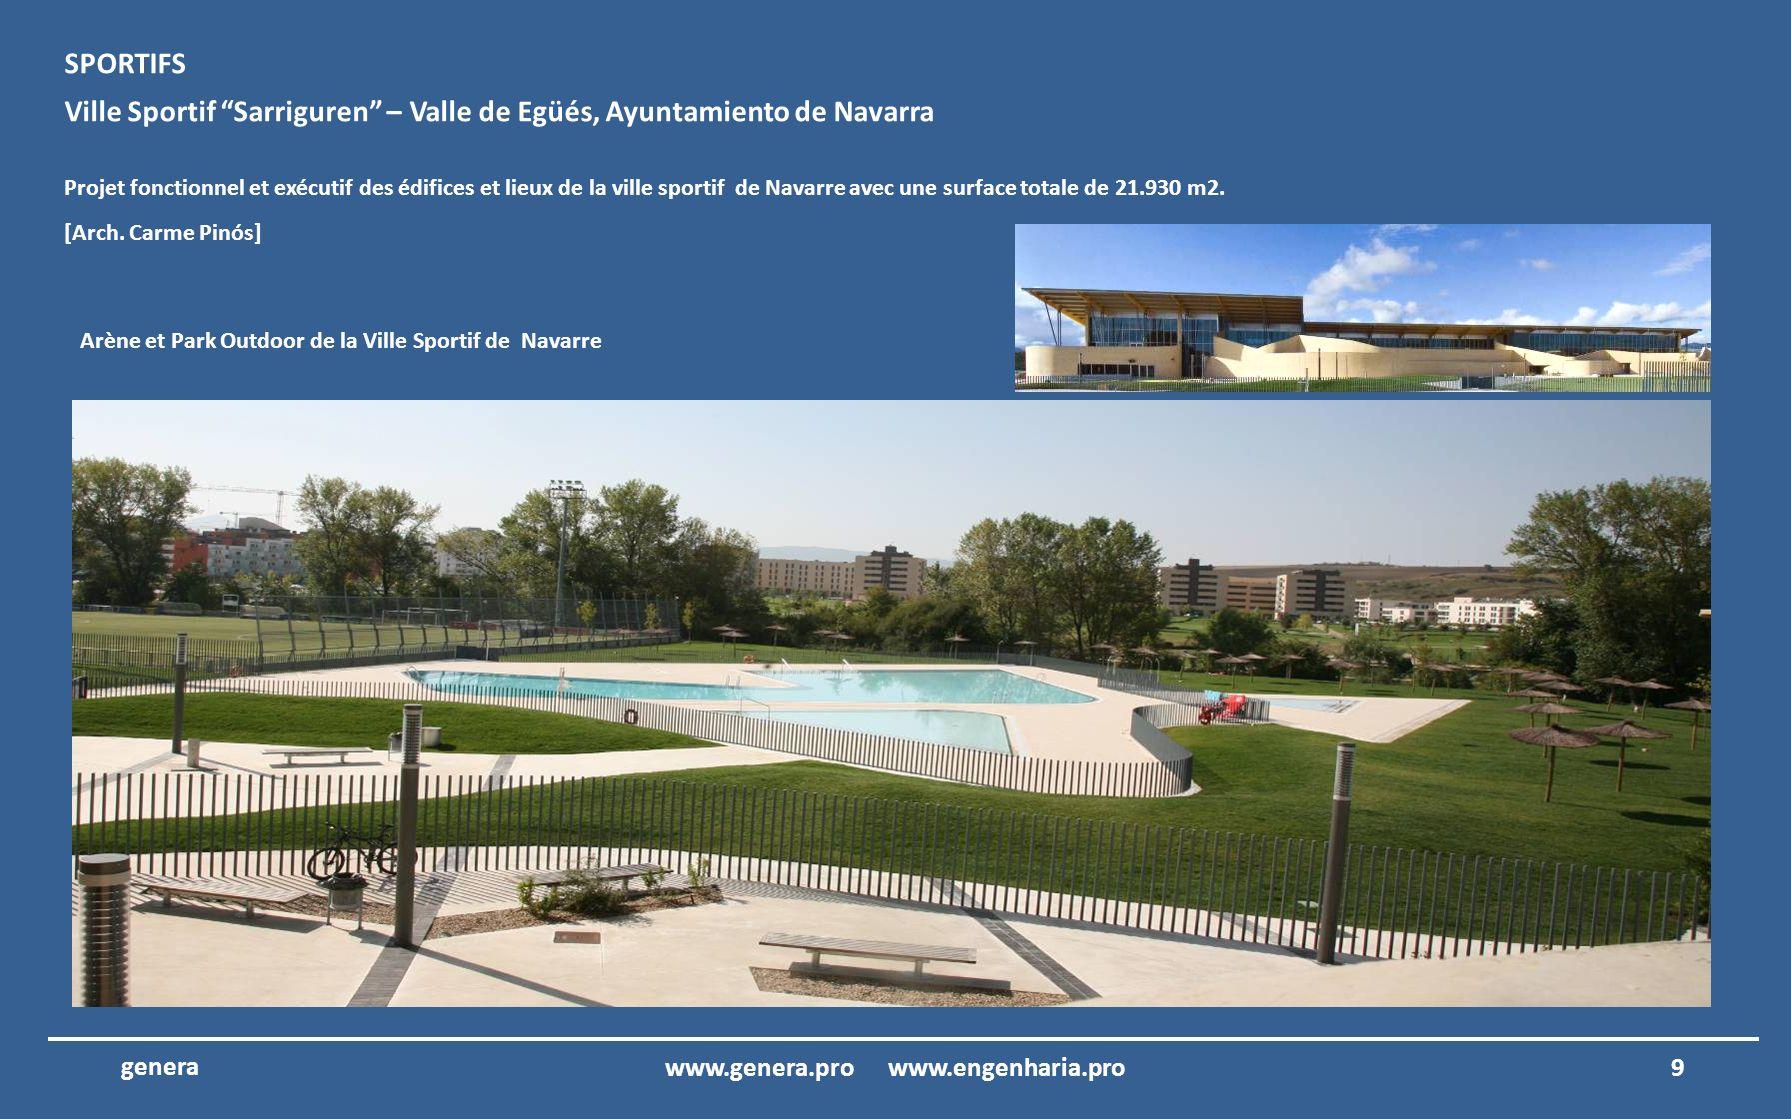 Nous présentons ensuite le portefeuille des projets de architecture et ingénierie de Genera 8www.genera.pro www.engenharia.pro genera